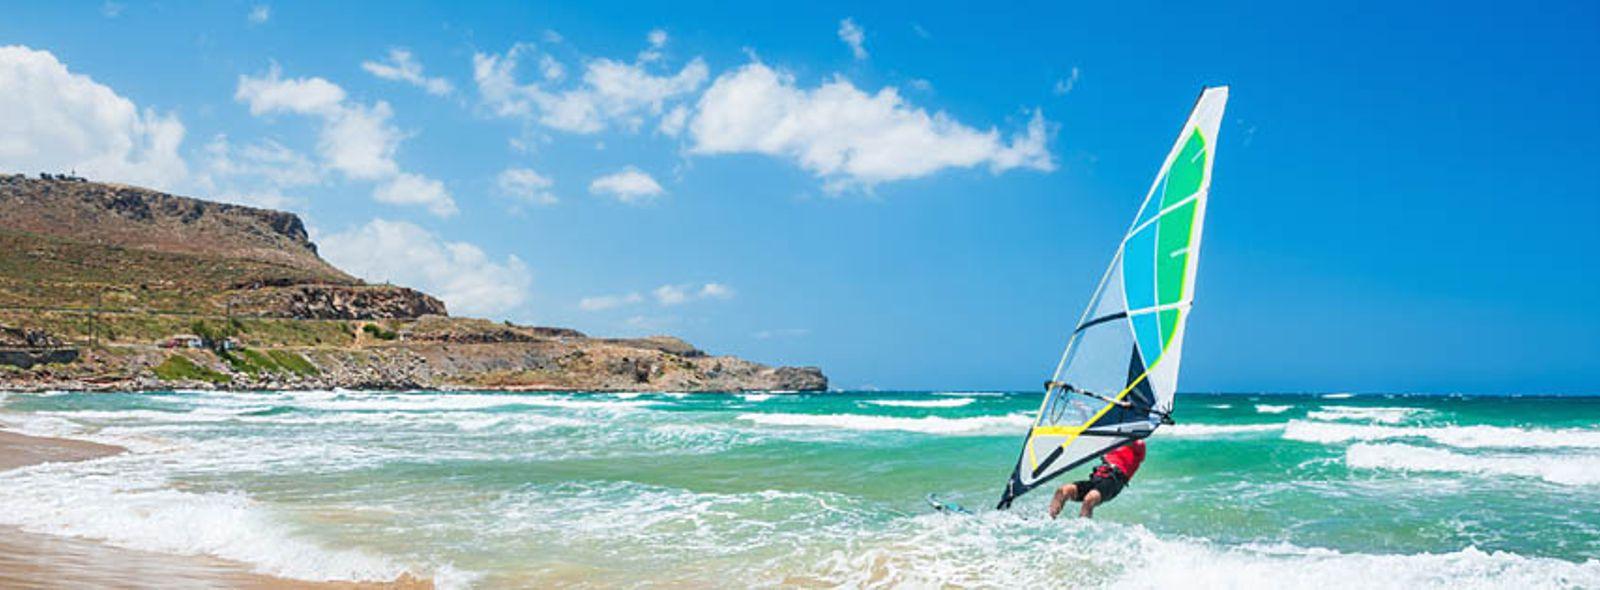 Come imparare il windsurf